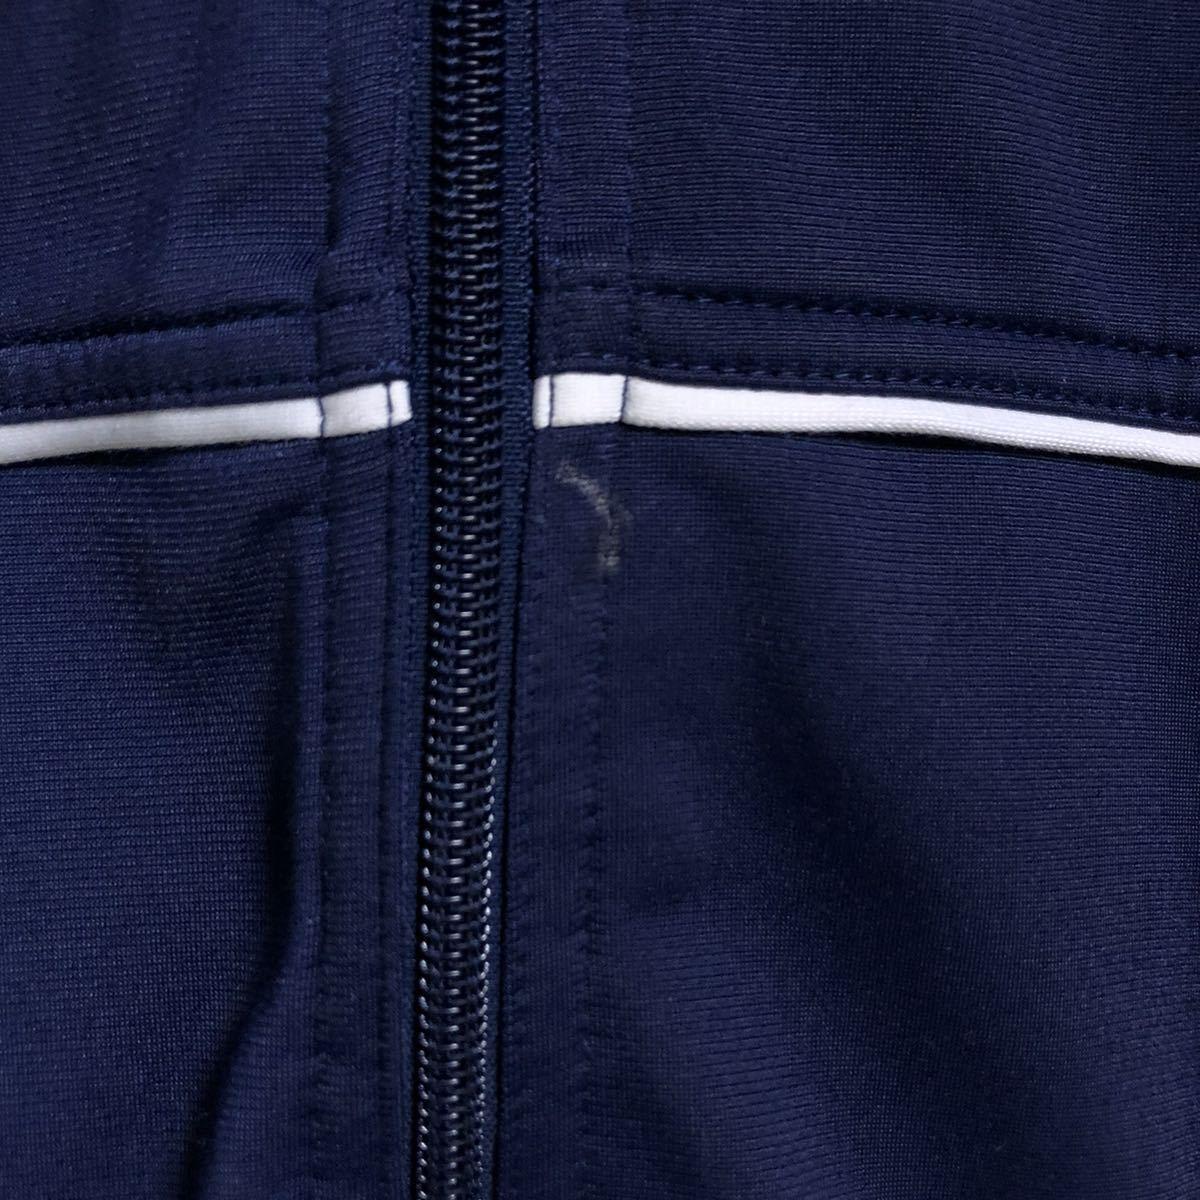 NIKE ナイキ ワンポイント 刺繍ロゴ スウッシュ サイドライン ユニセックス ジャージ トラックジャケット ジョグトップ Lサイズ相当 古着